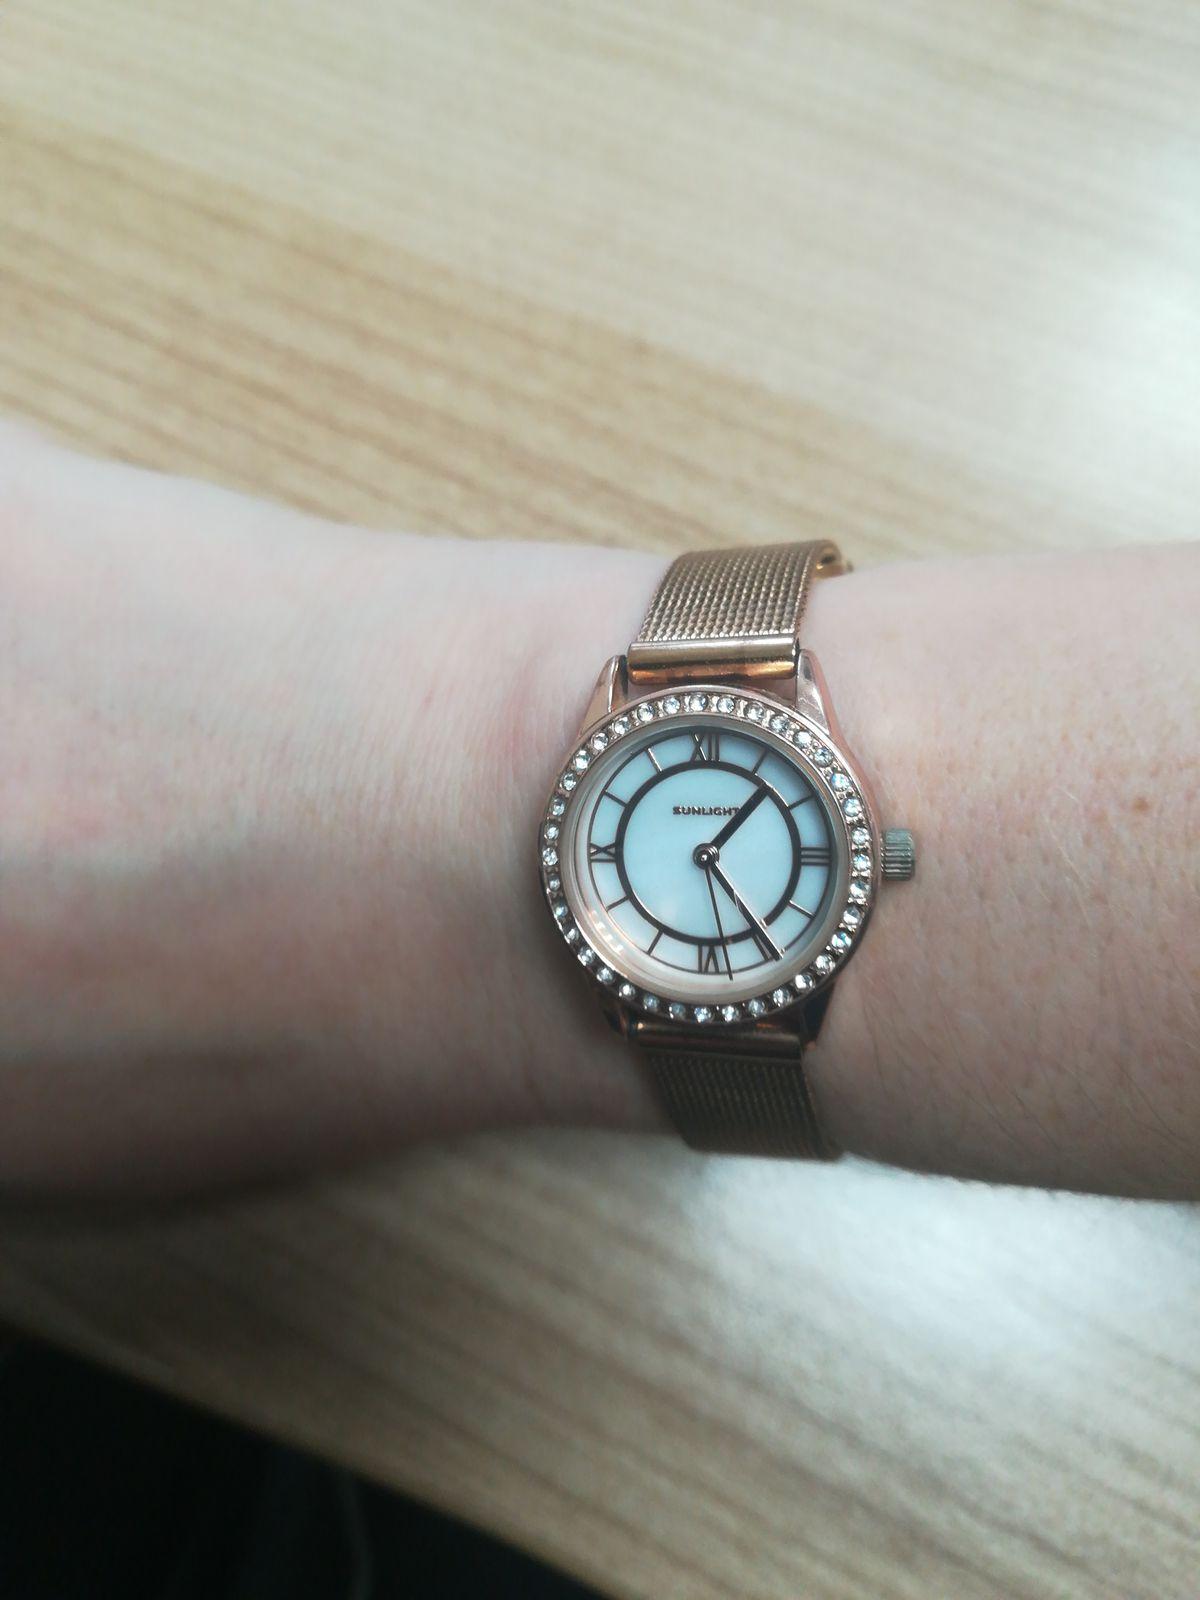 Часы отличные, качественно сделаны